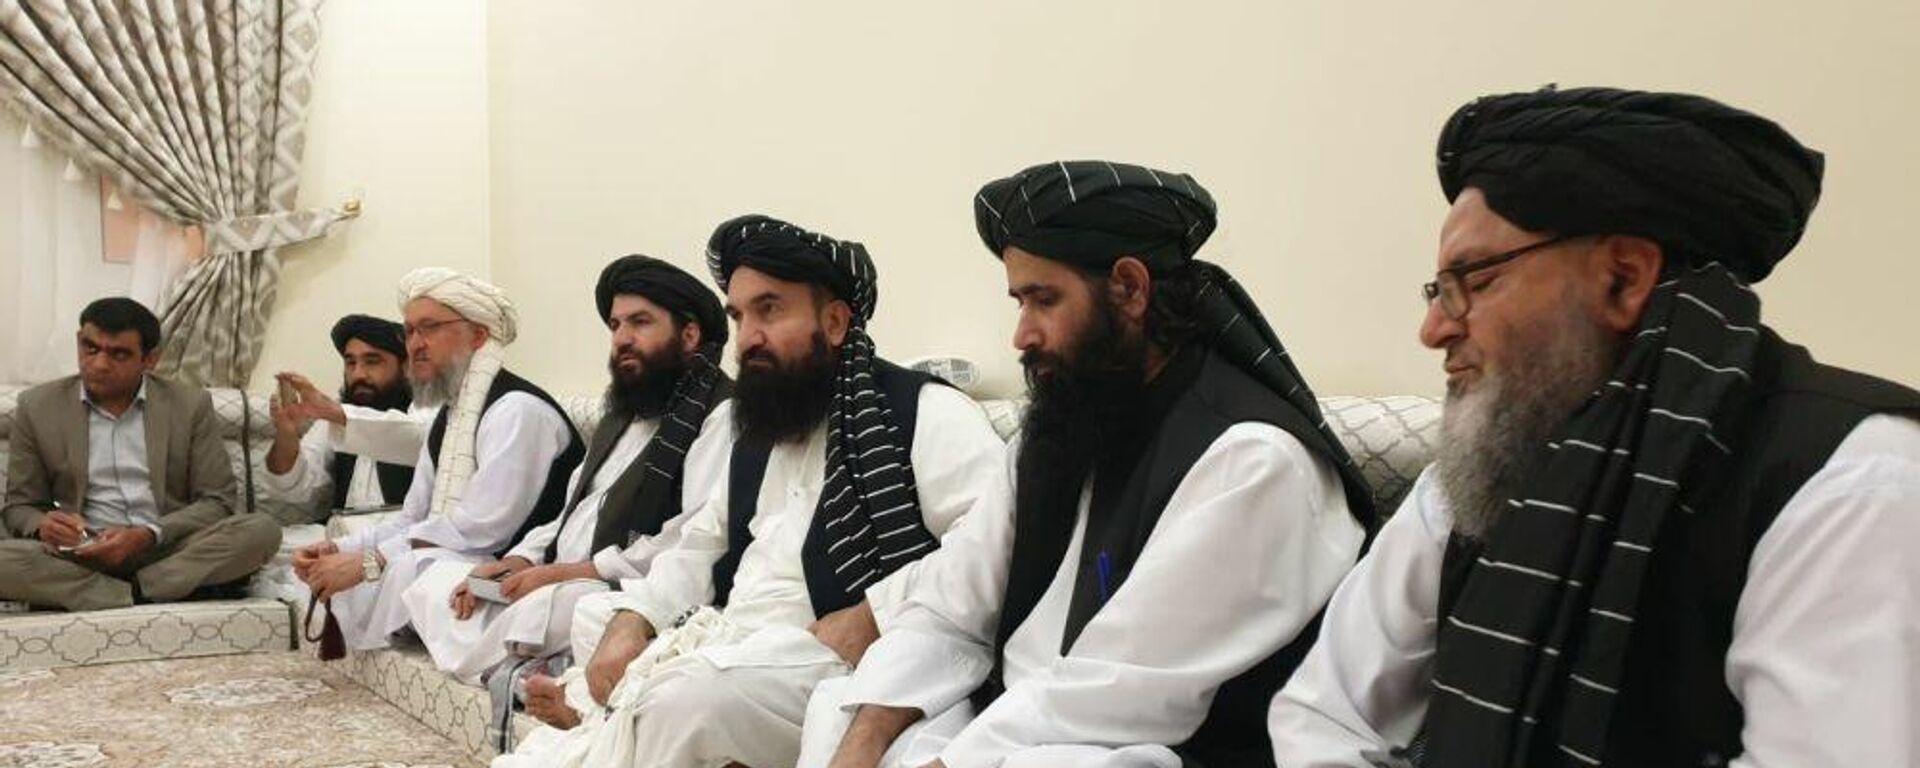 Руководство Талибана во время совещания - Sputnik Таджикистан, 1920, 08.09.2021